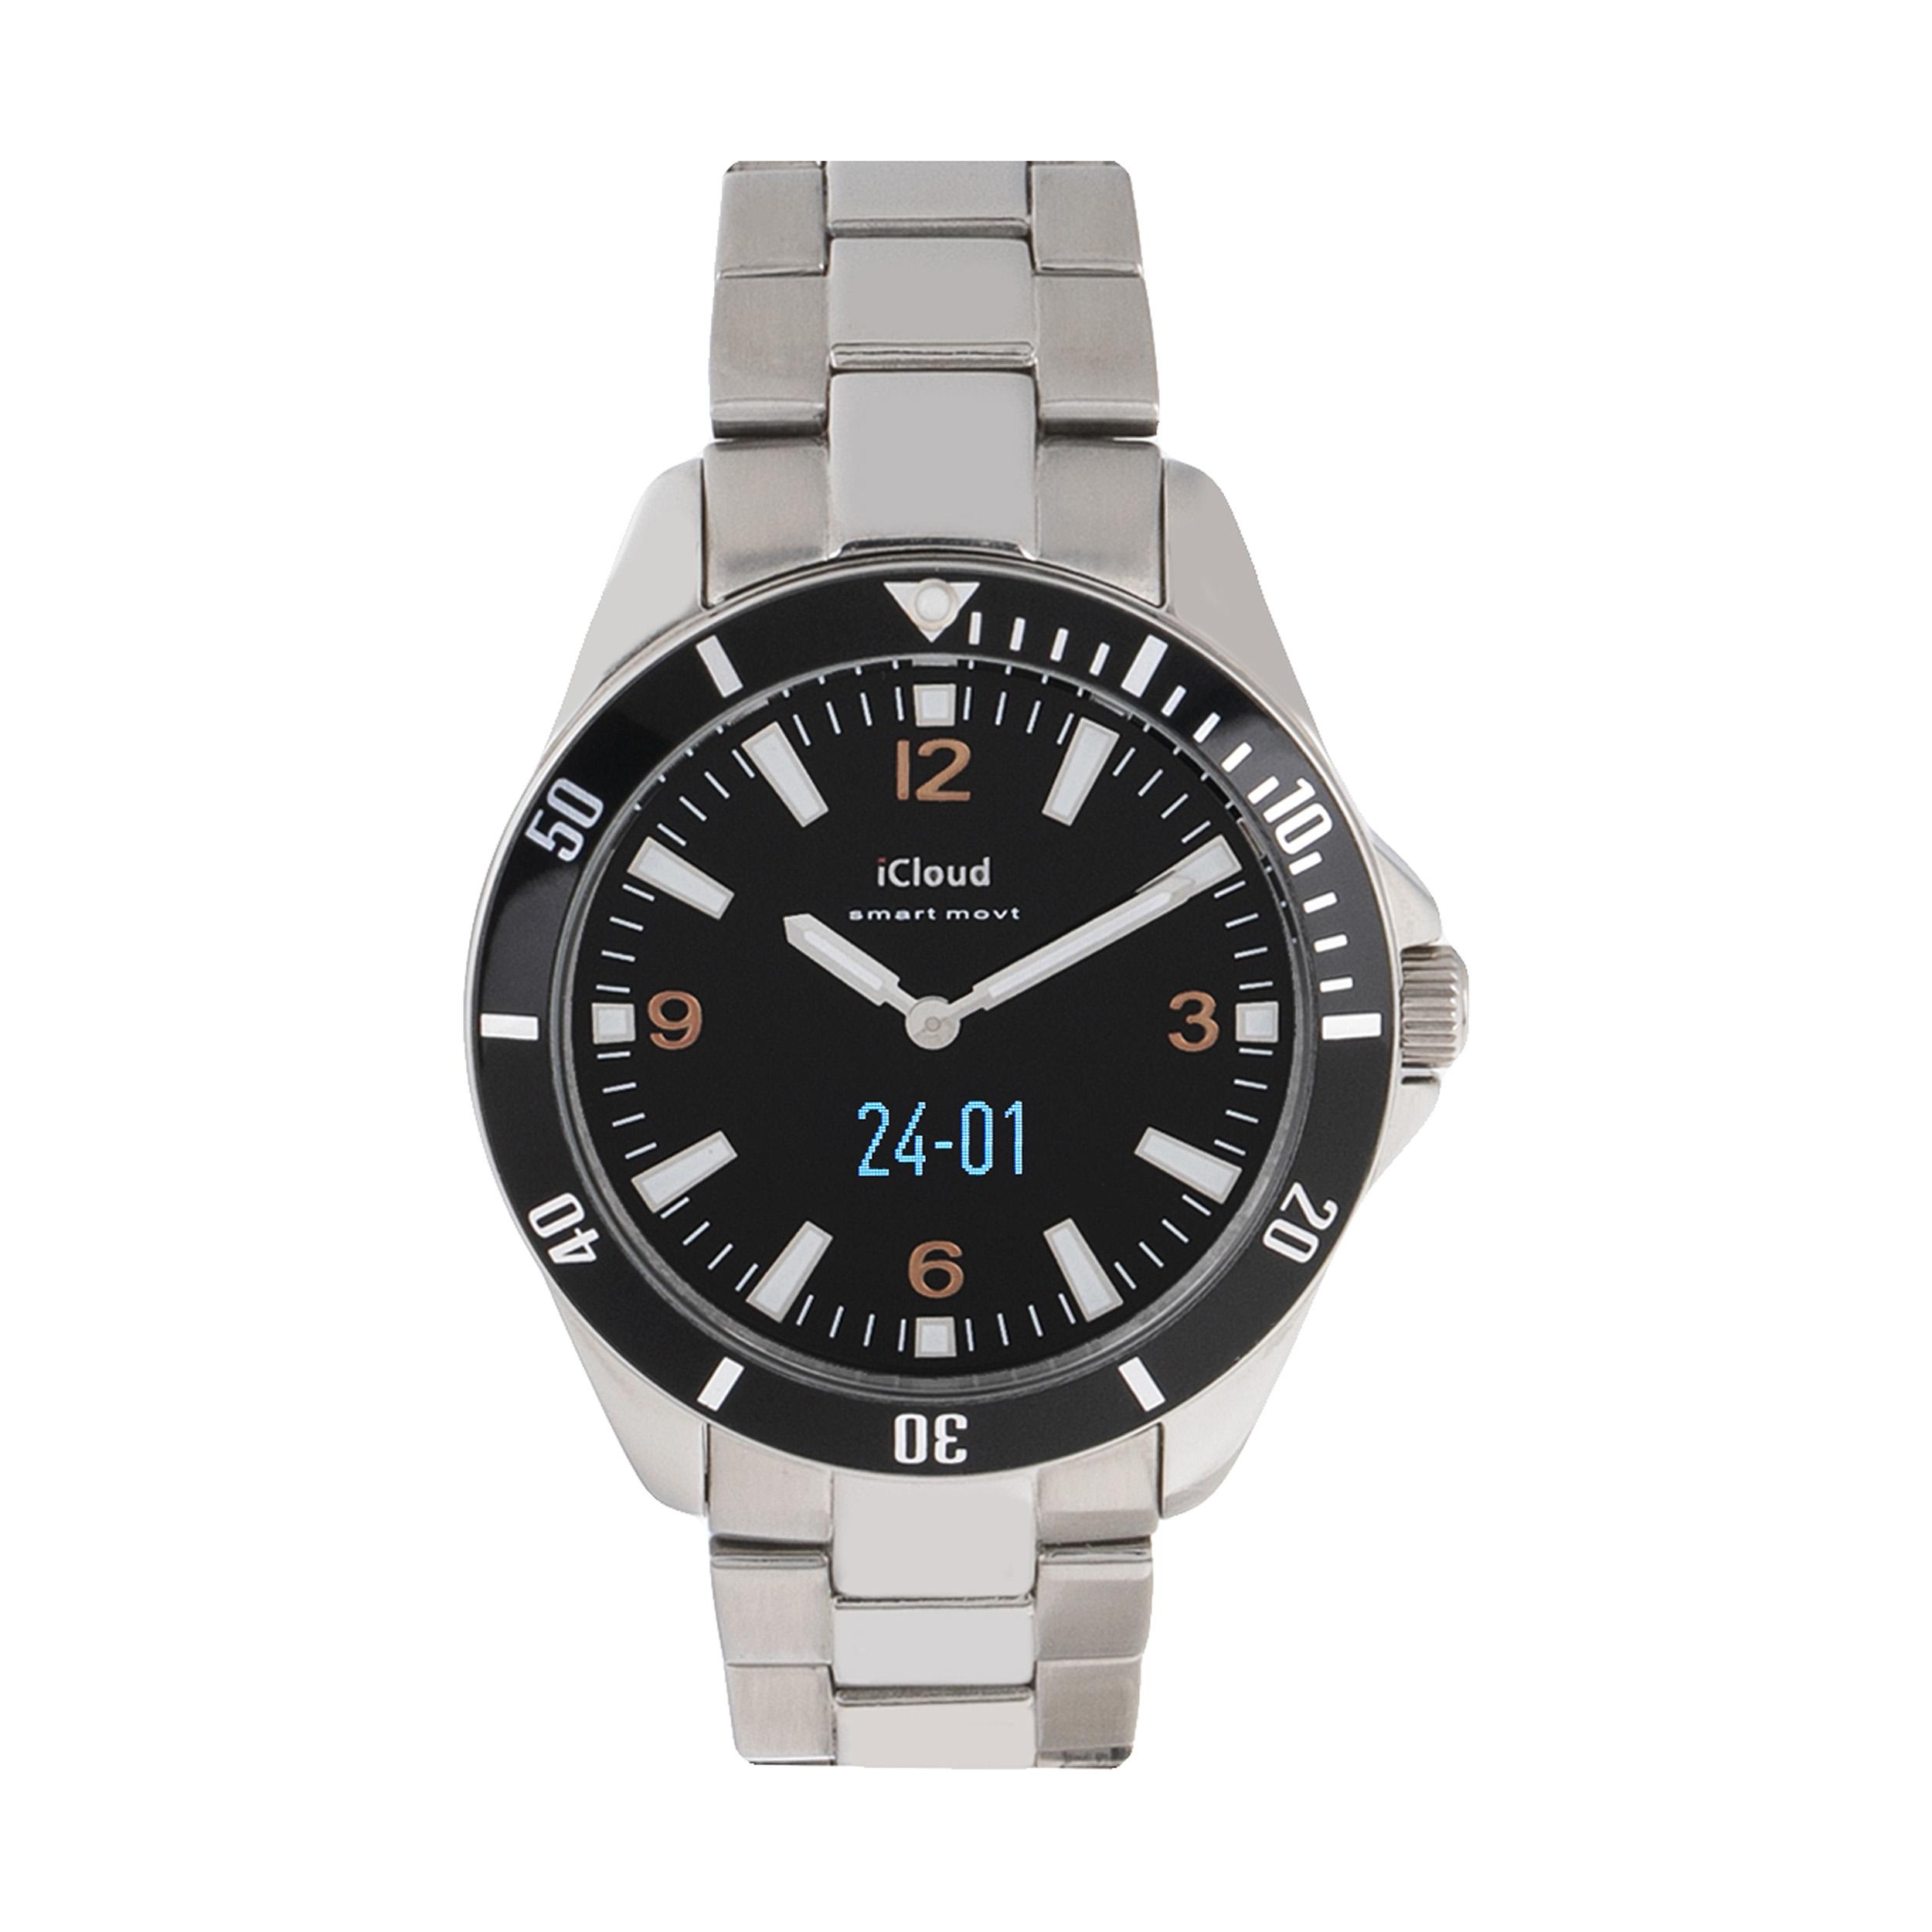 ساعت هوشمند آی کلود مدل Smart Movt-1